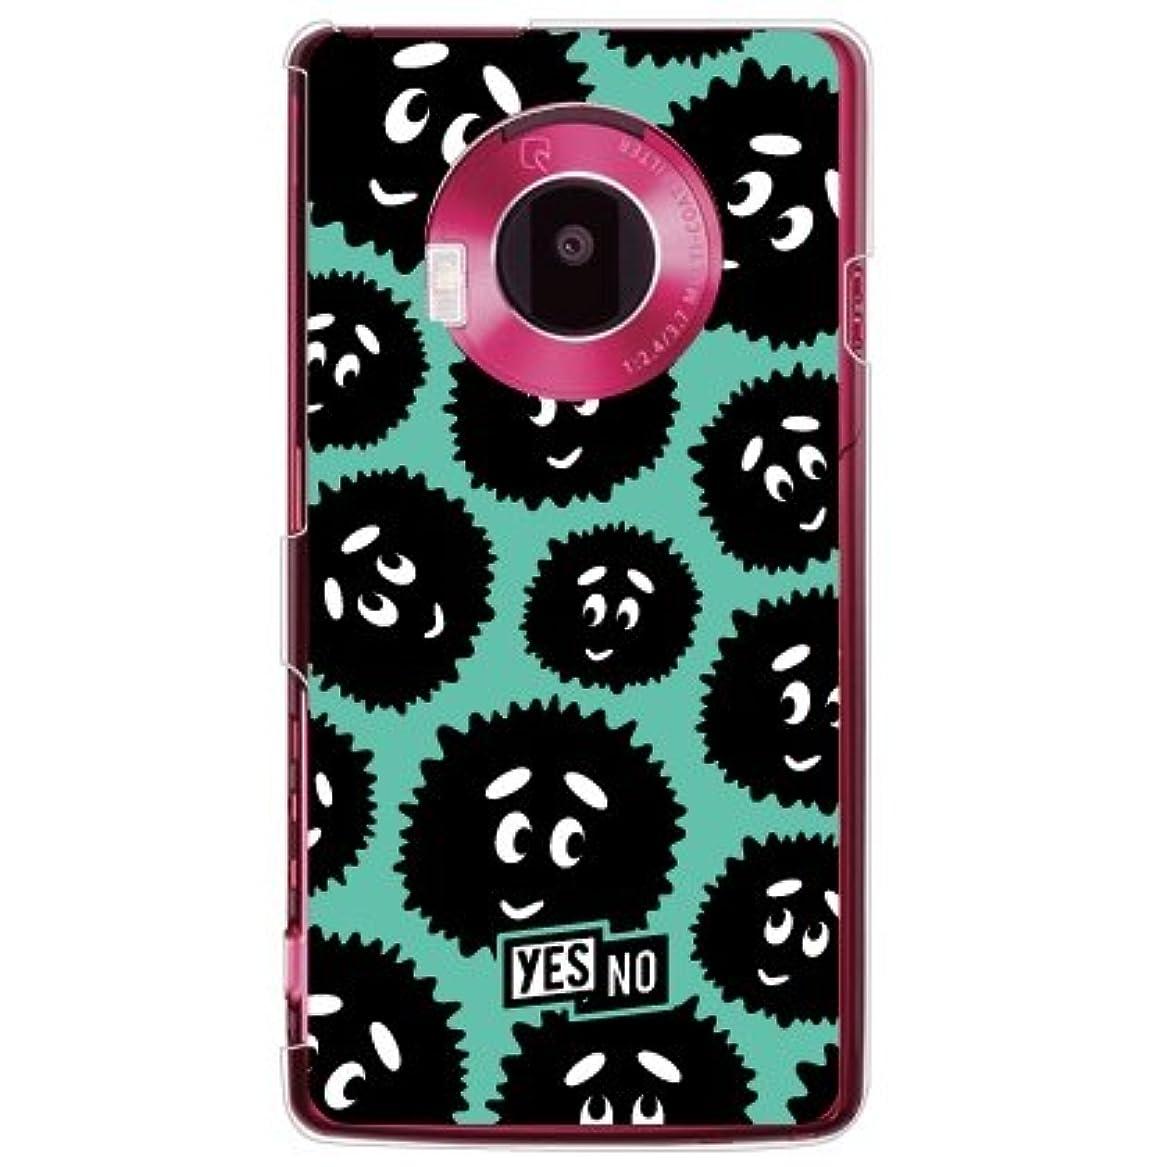 リマ変形するスカーフYESNO グライトくん エメラルド (クリア) / for LUMIX Phone P-02D/docomo DPSP2D-PCCL-201-N093